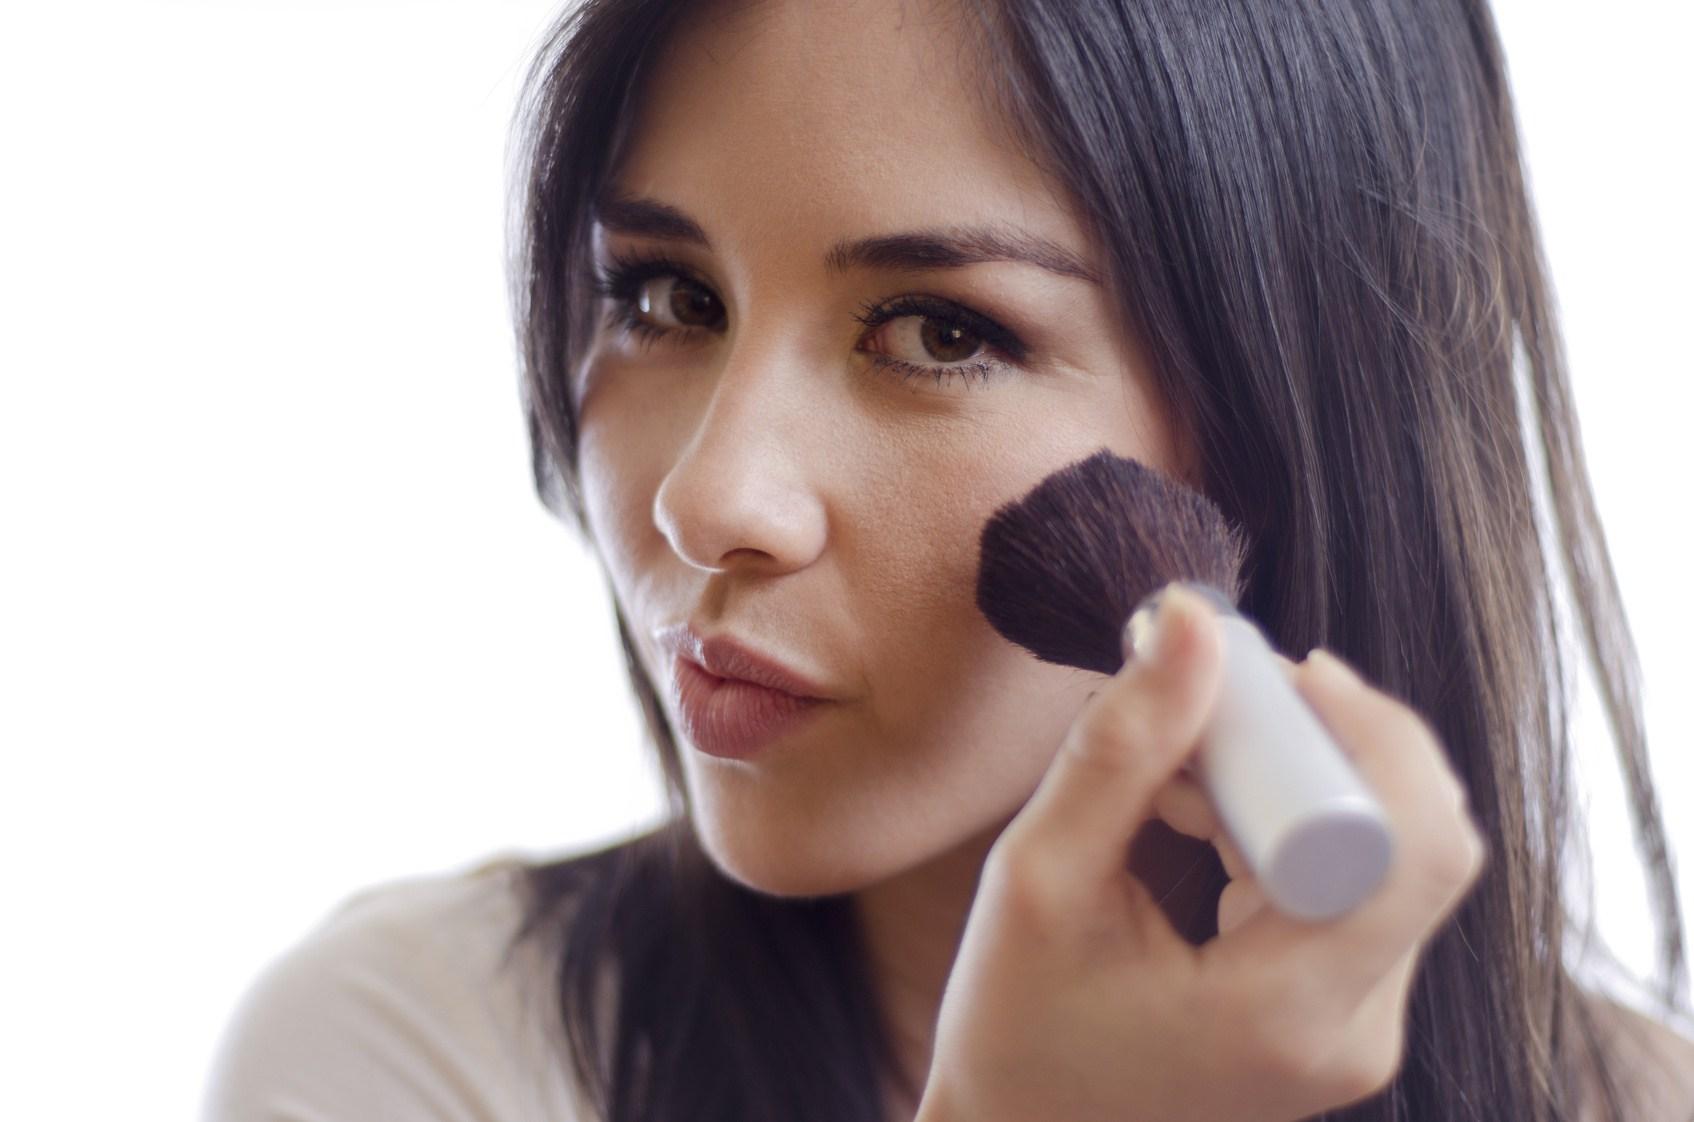 De ce ai nevoie de blush si cum sa il folosesti